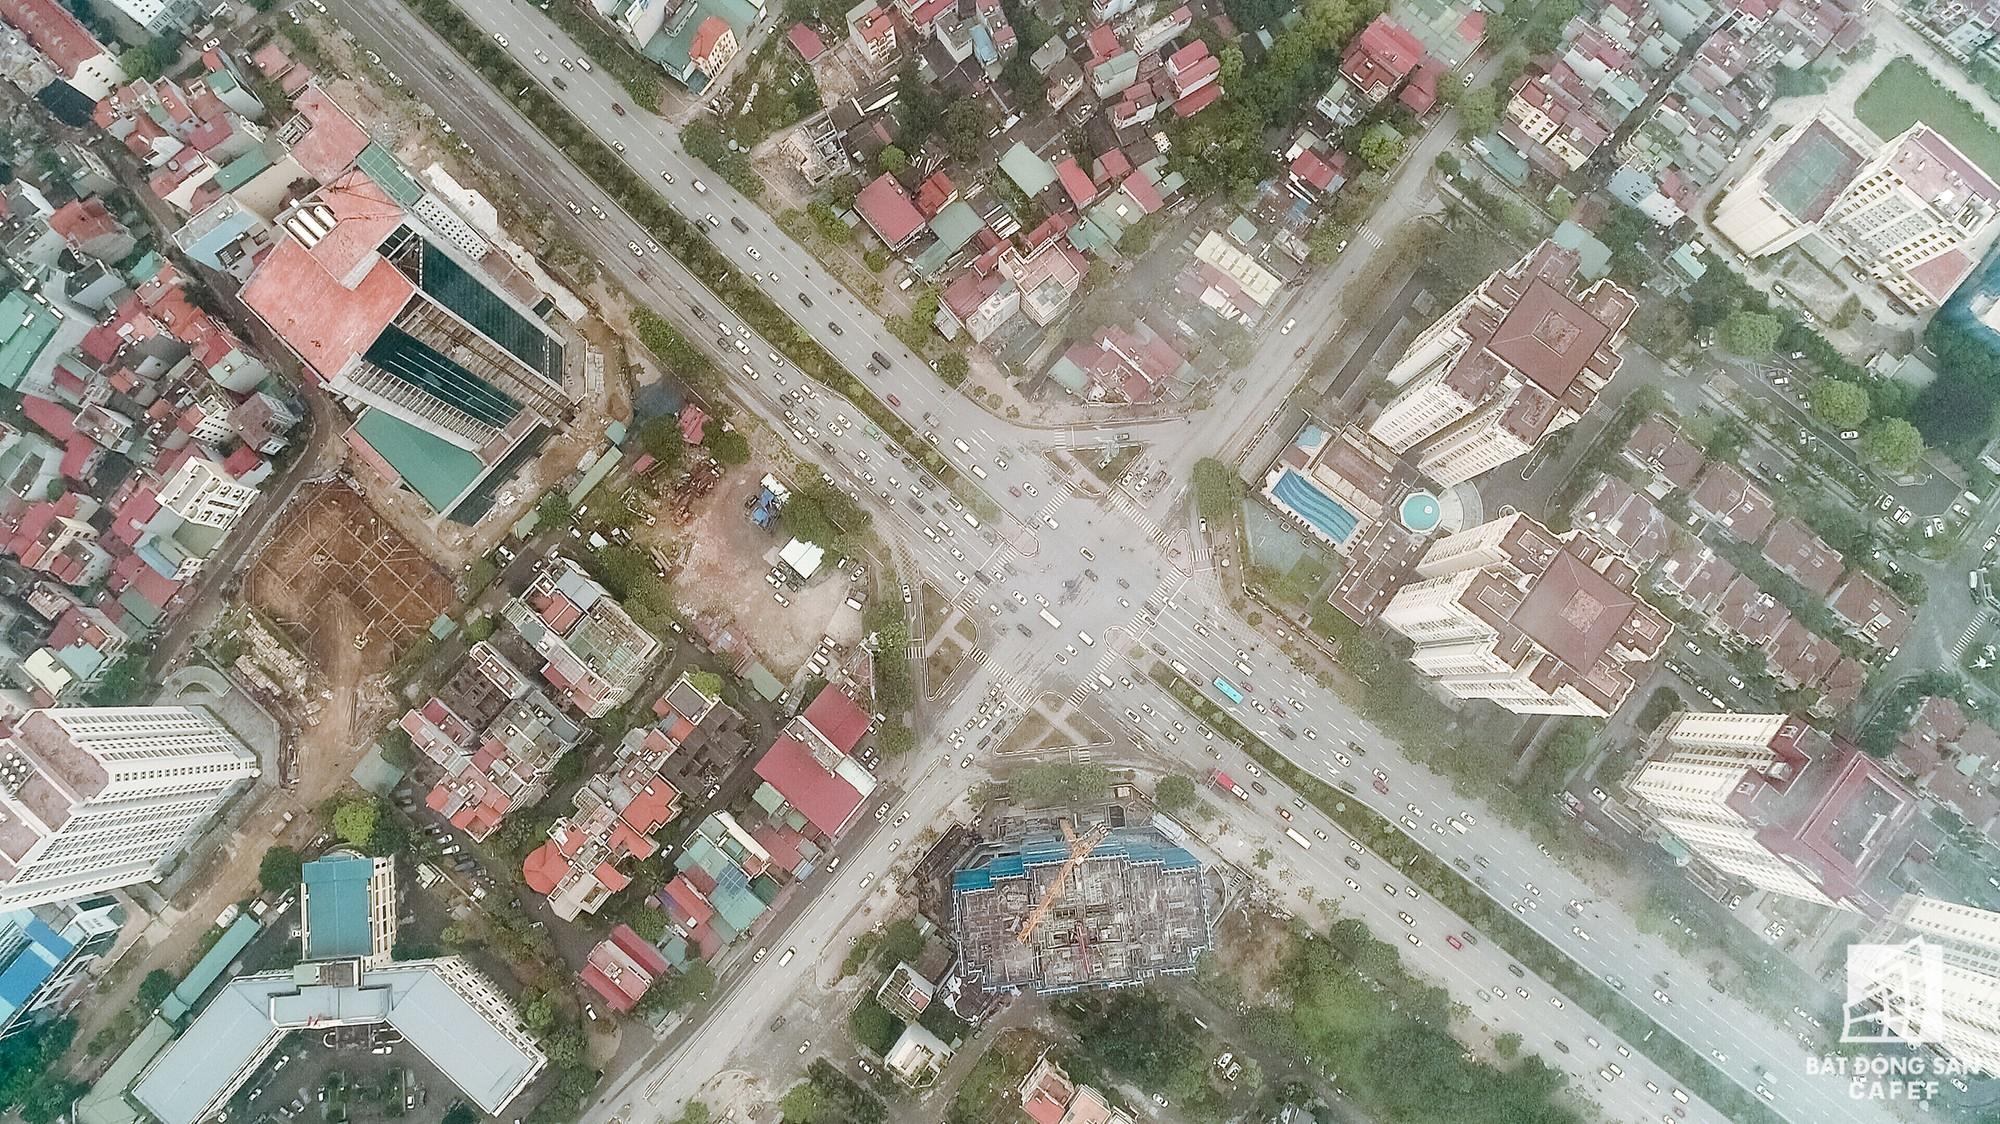 Cận cảnh hàng loạt dự án cao ốc dọc trục đường 8 làn xe tại trung tâm Hà Nội - Ảnh 9.